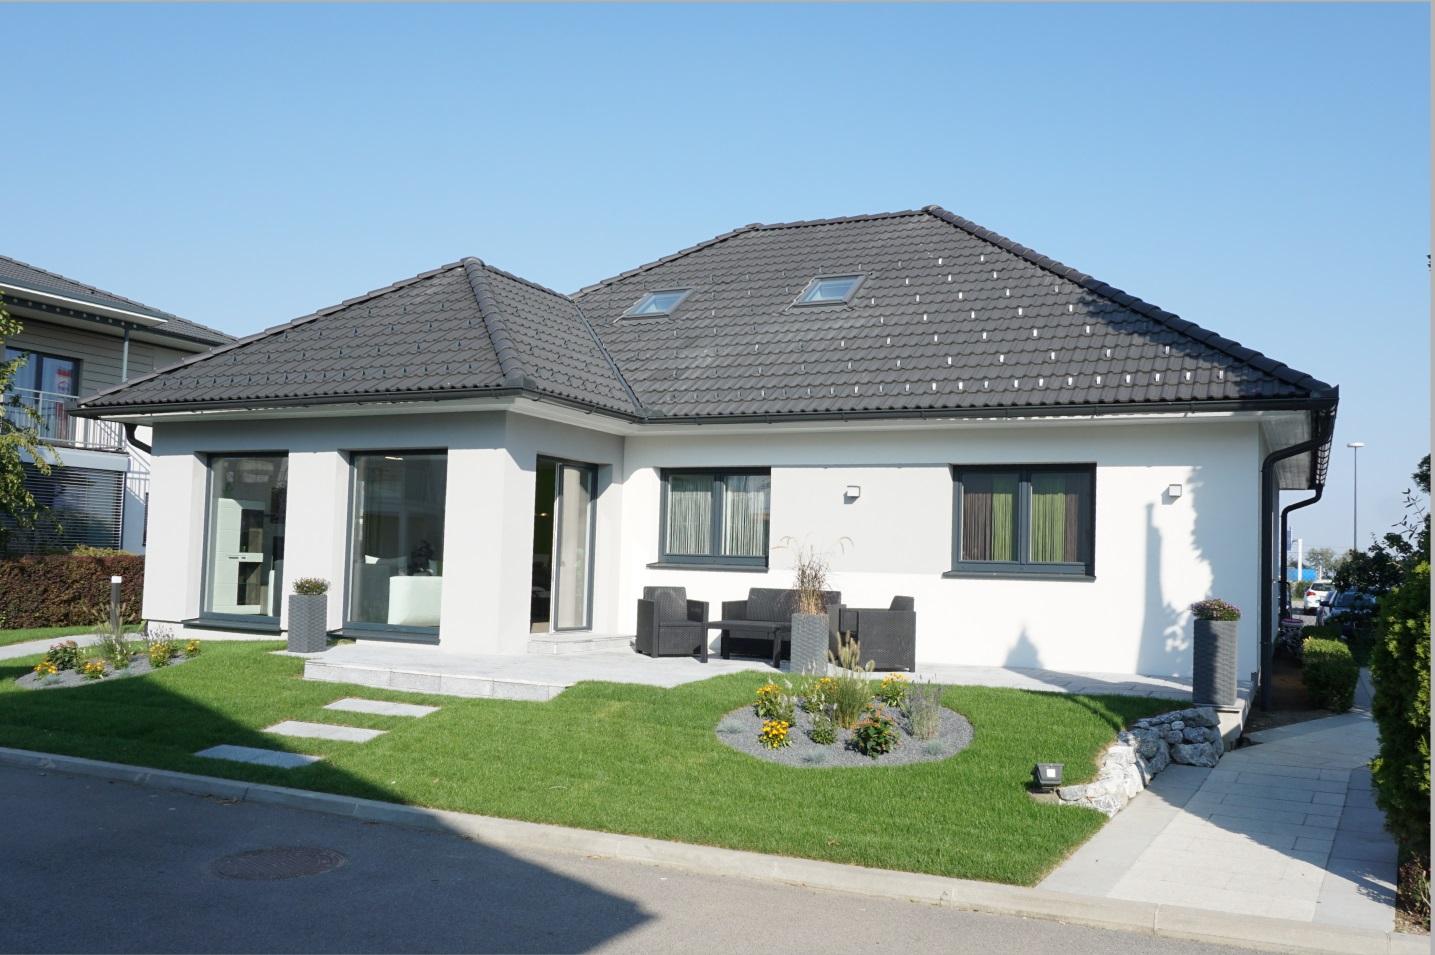 Ein modernes Einfamilienhaus